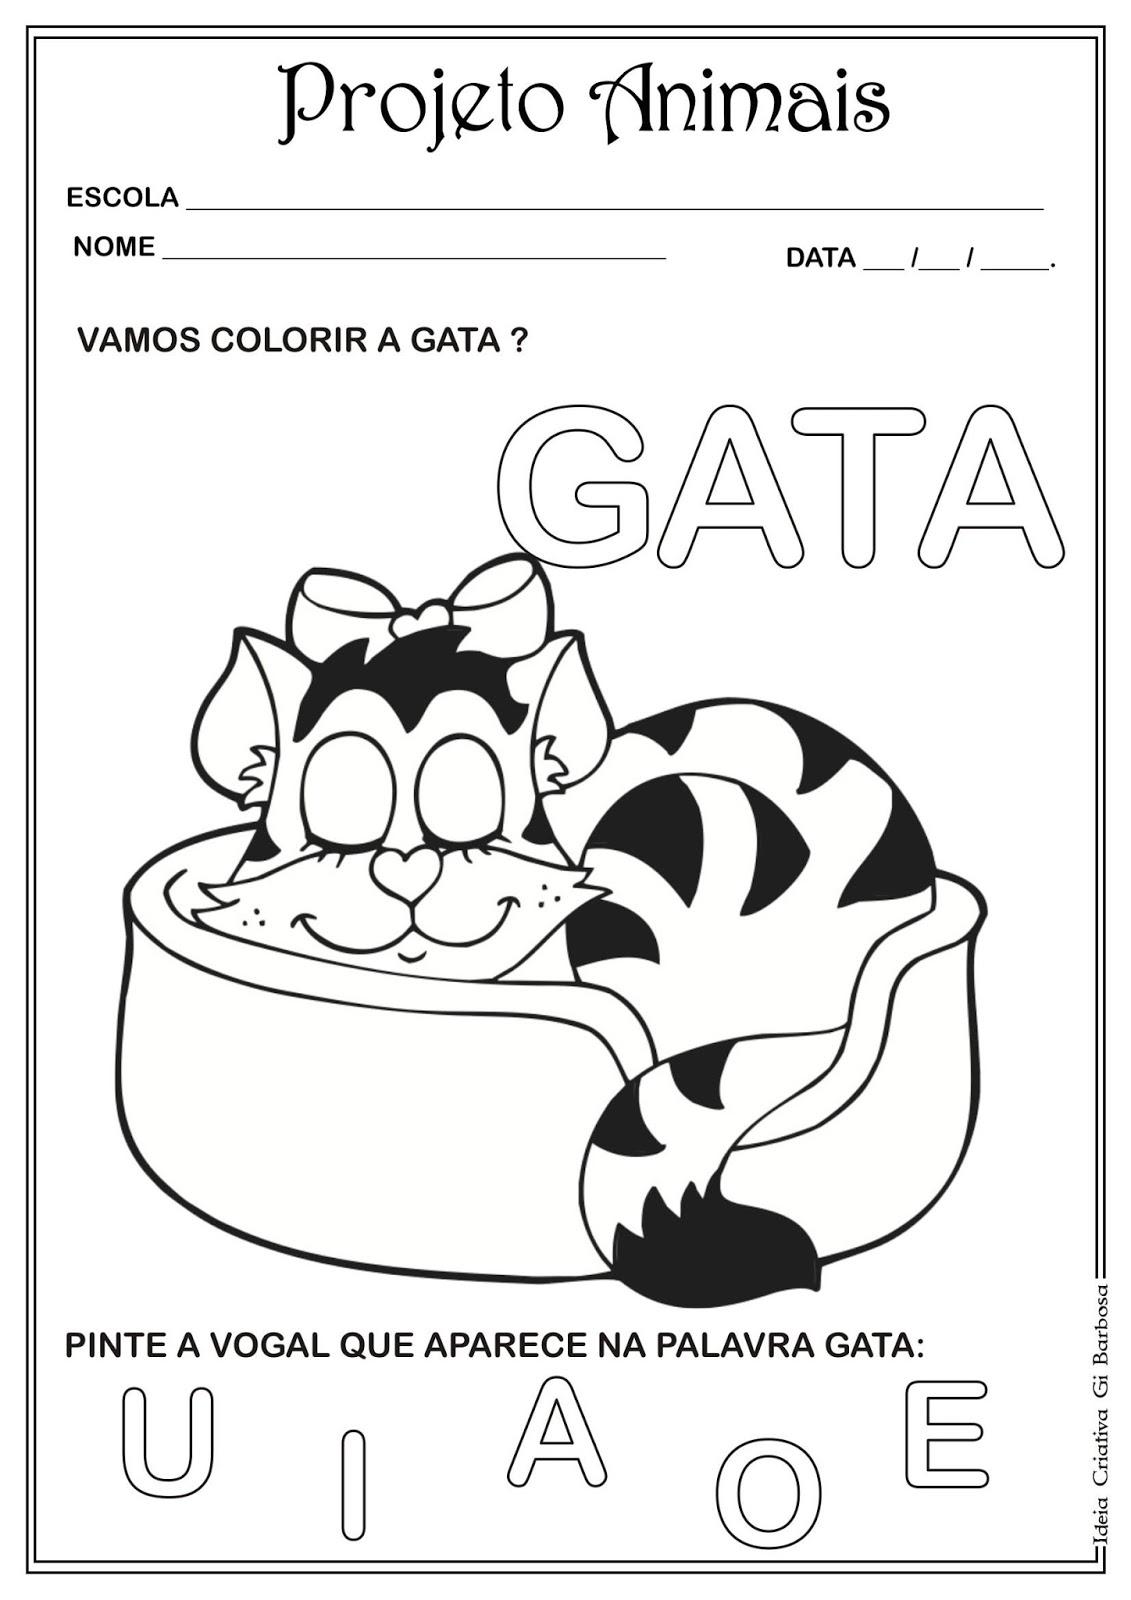 Amado Atividade Projeto Animais Vogais | Ideia Criativa - Gi Barbosa  BZ22